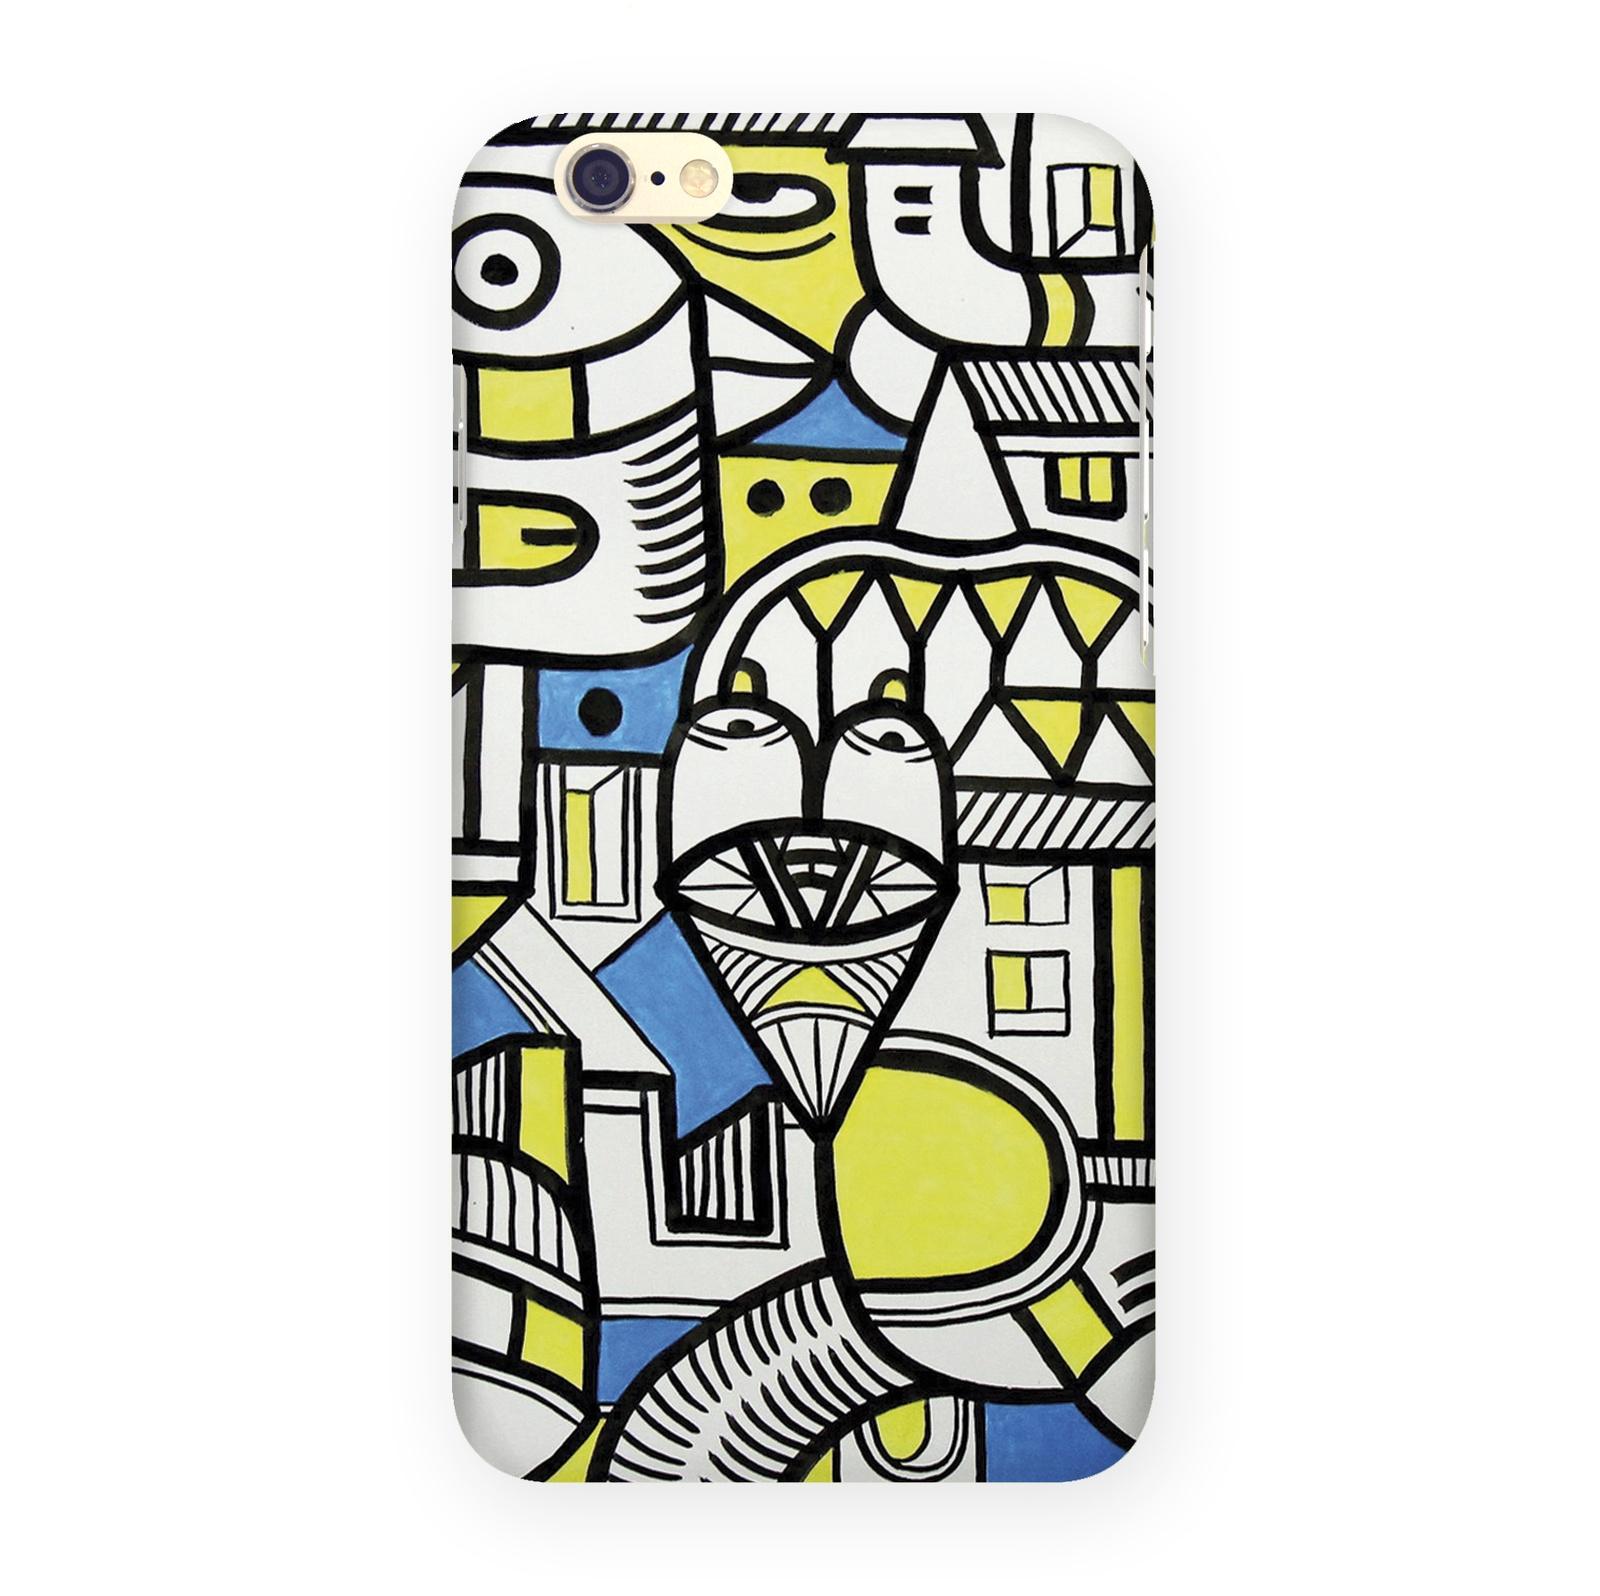 Чехол Mitya Veselkov Сине-желтое граффити для Iphone 6, IP6.MITYA-271 чехол для iphone 6 mitya veselkov жостовский узор 1